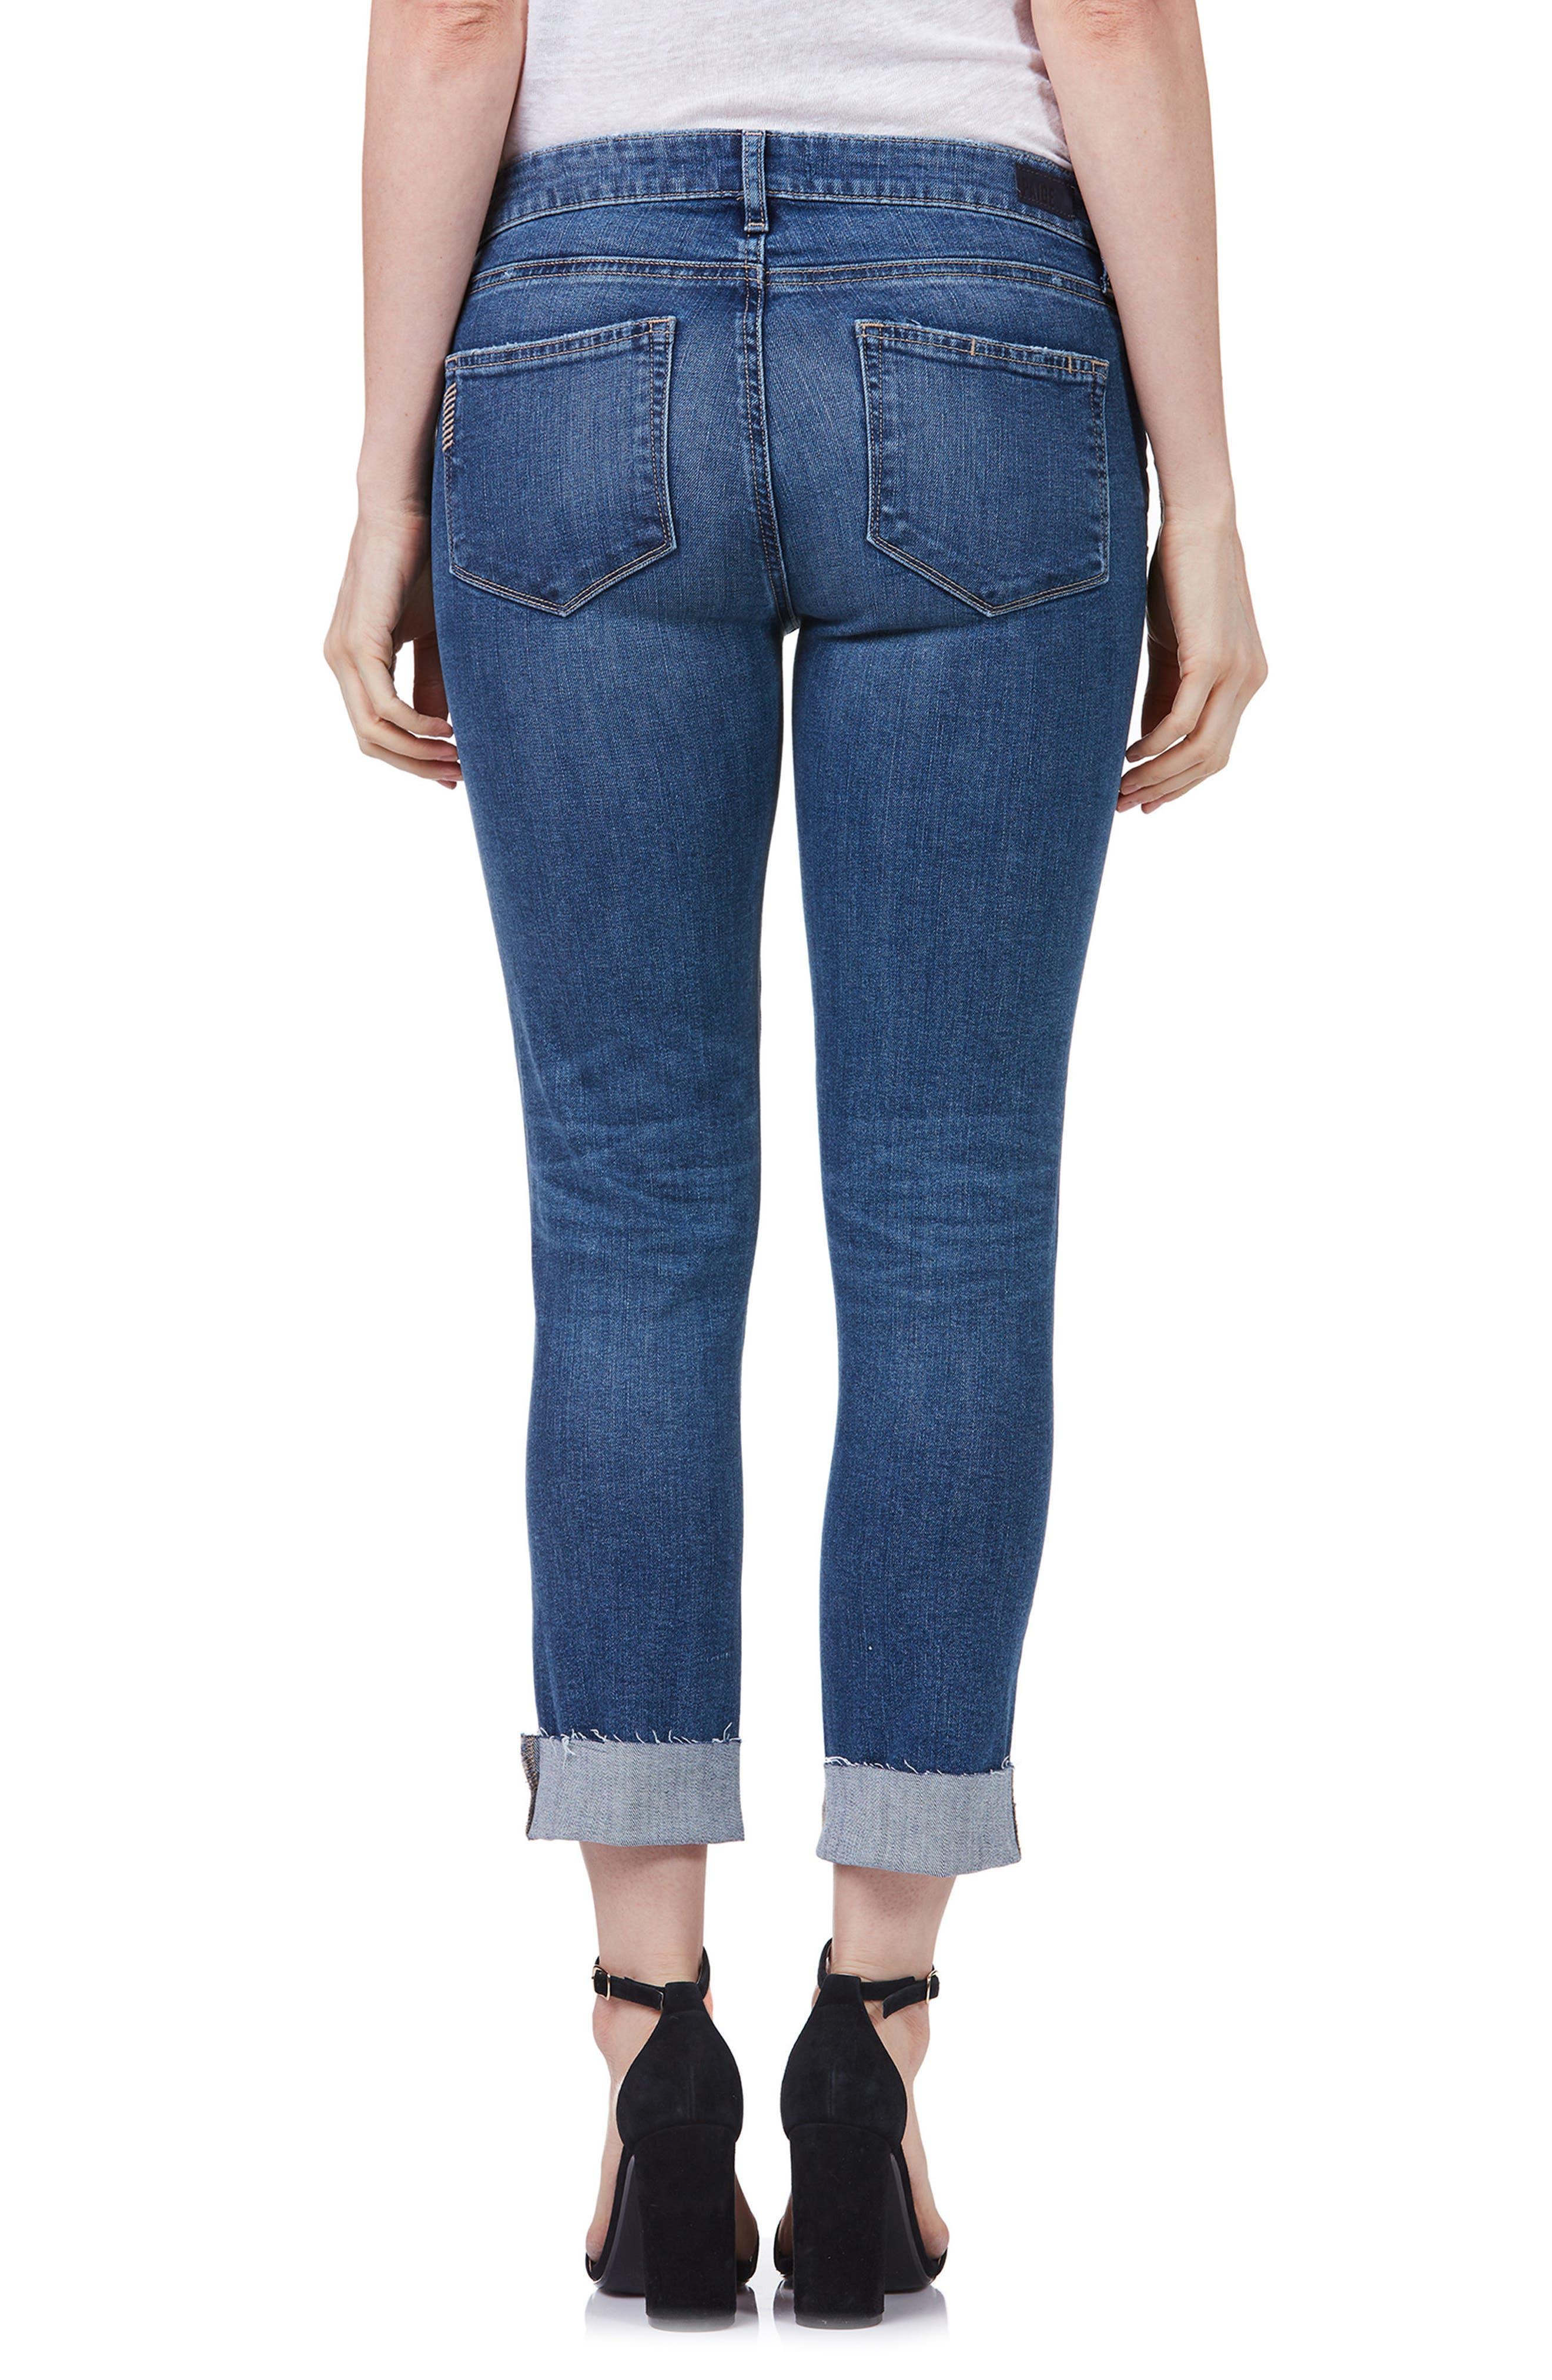 Transcend Vintage - Skyline Crop Skinny Jeans,                             Alternate thumbnail 2, color,                             PICO